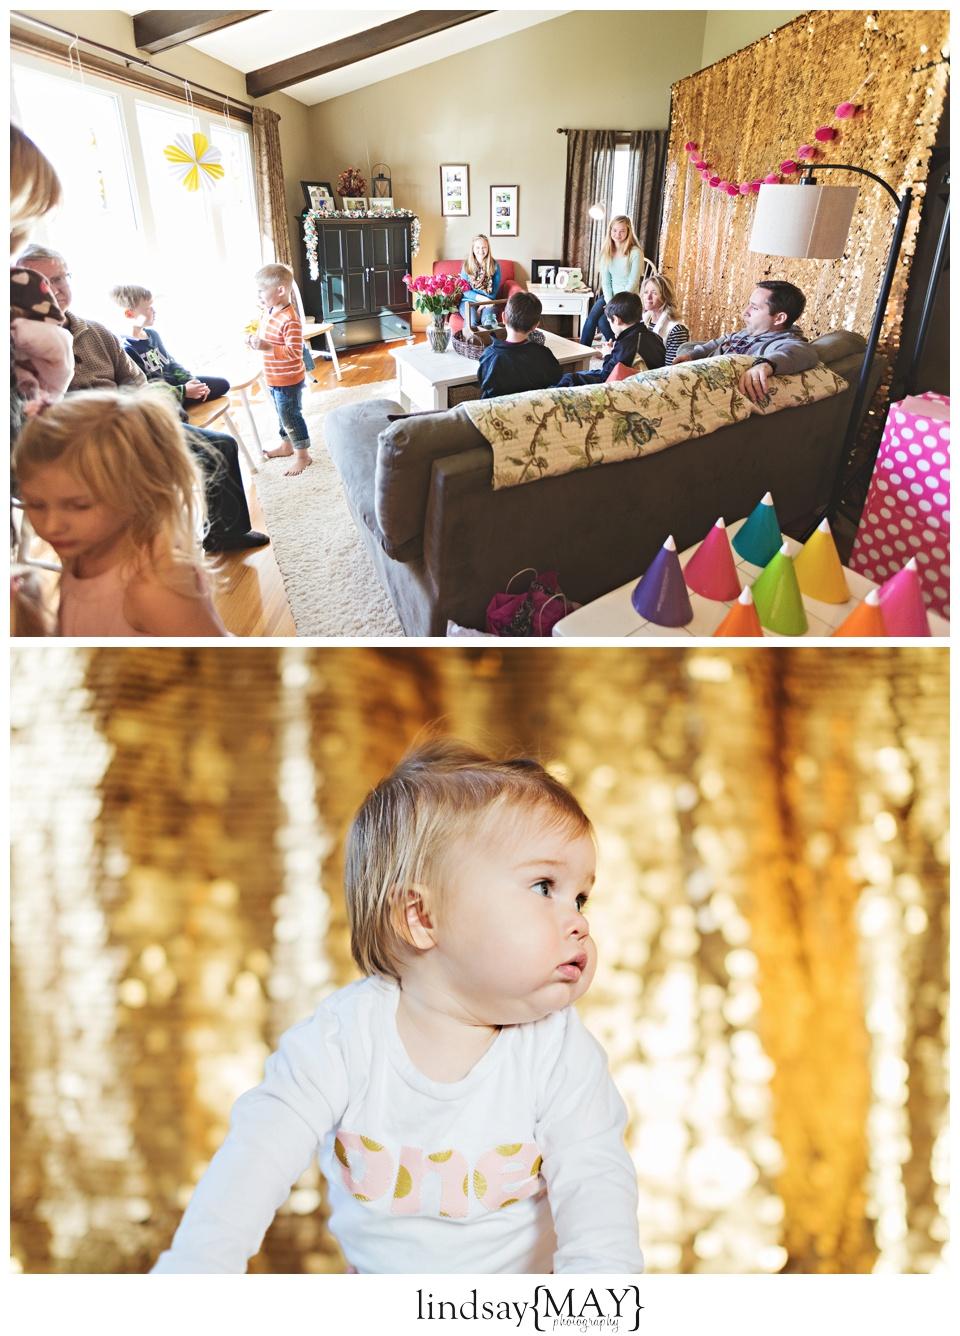 pinkandgoldfirstbirthdaypartylindsaymayphotography_0029.jpg